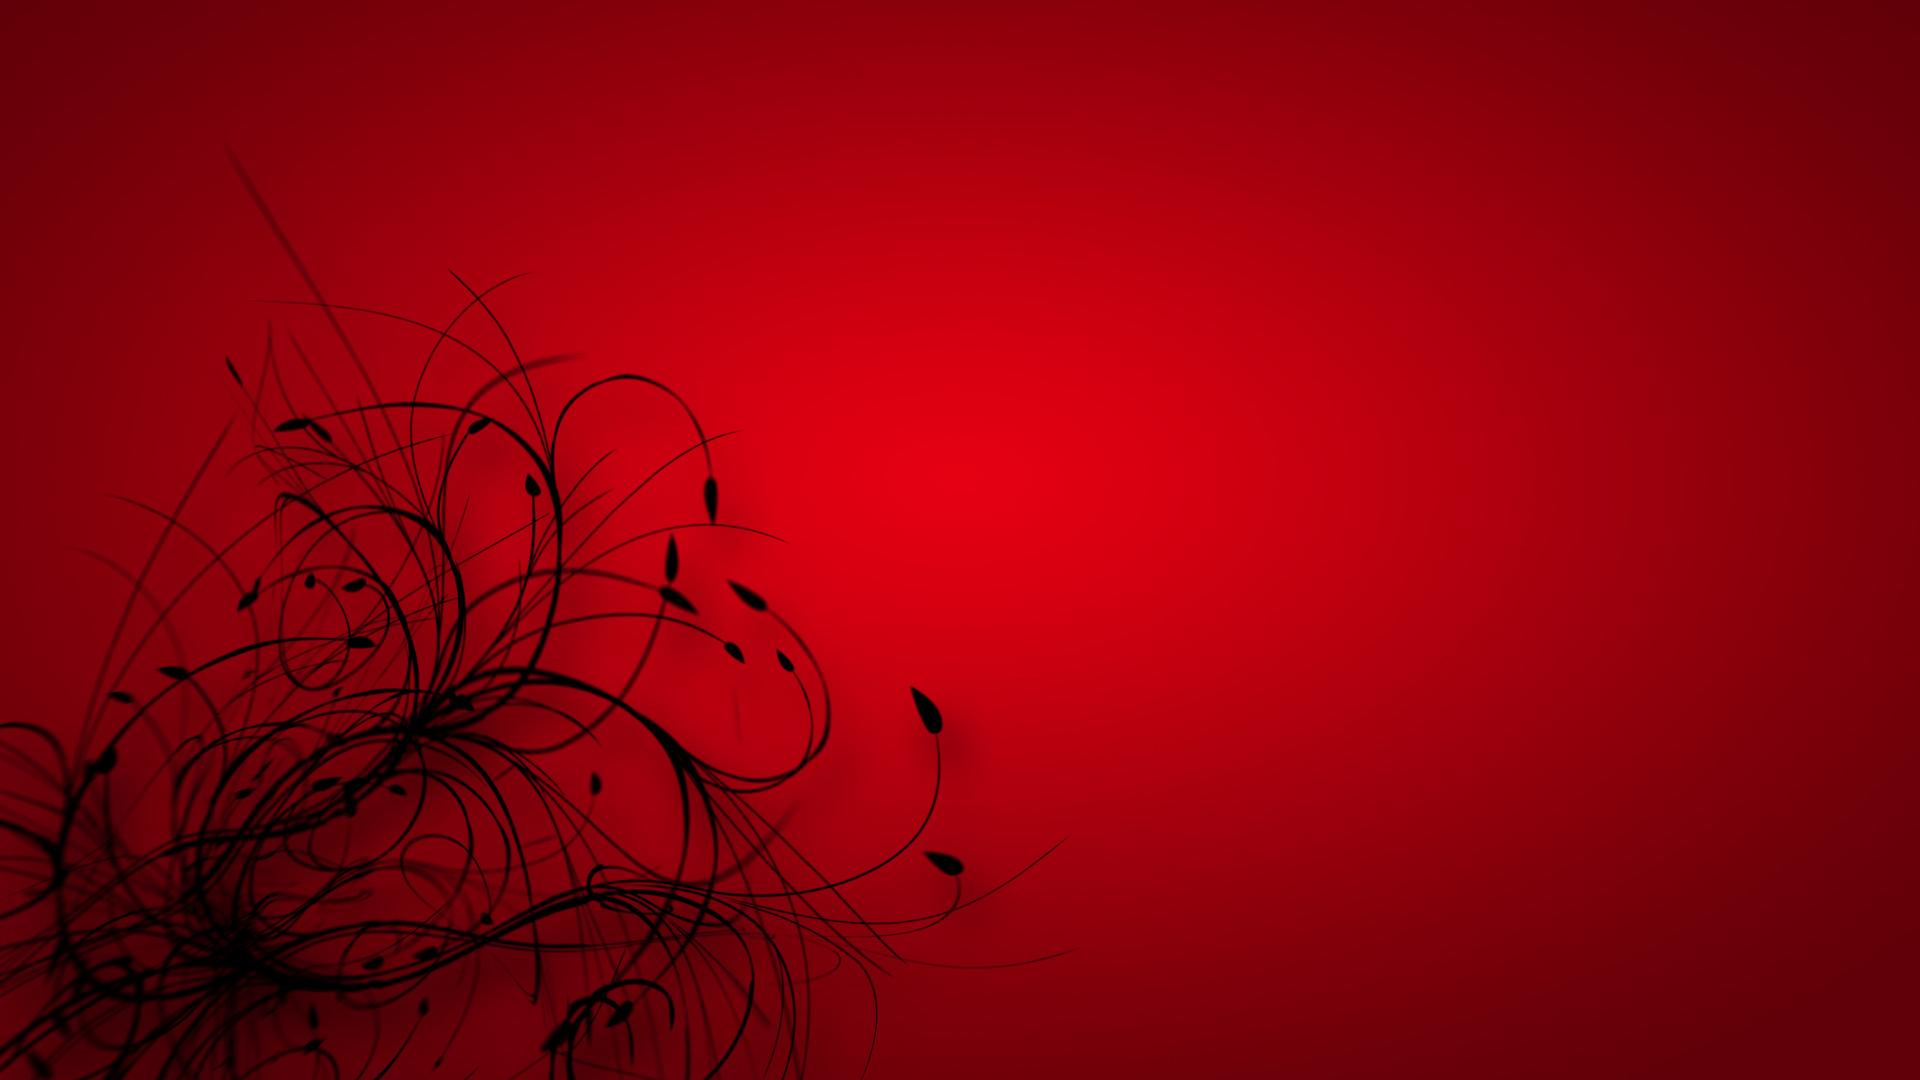 красный материальный дизайн без смс